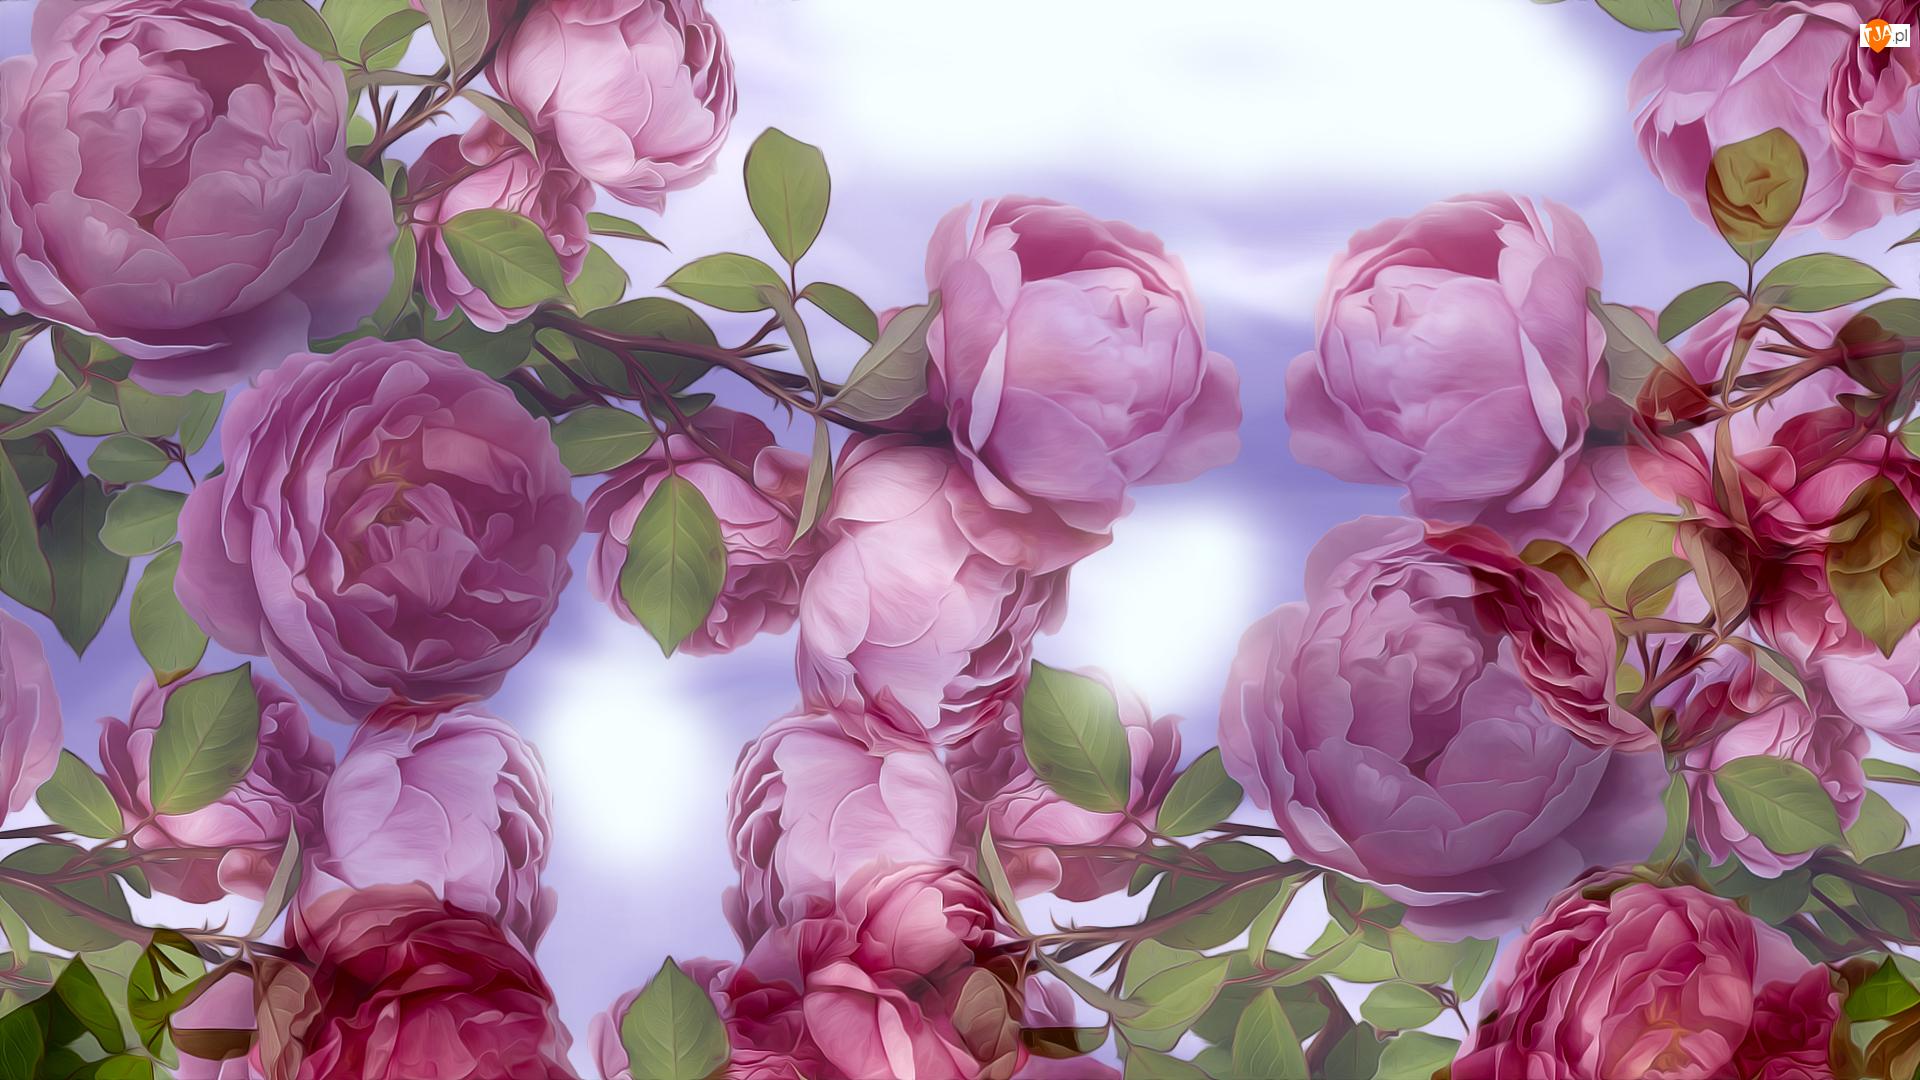 Kwiaty, Grafika, Róże, Różowe, Pąki